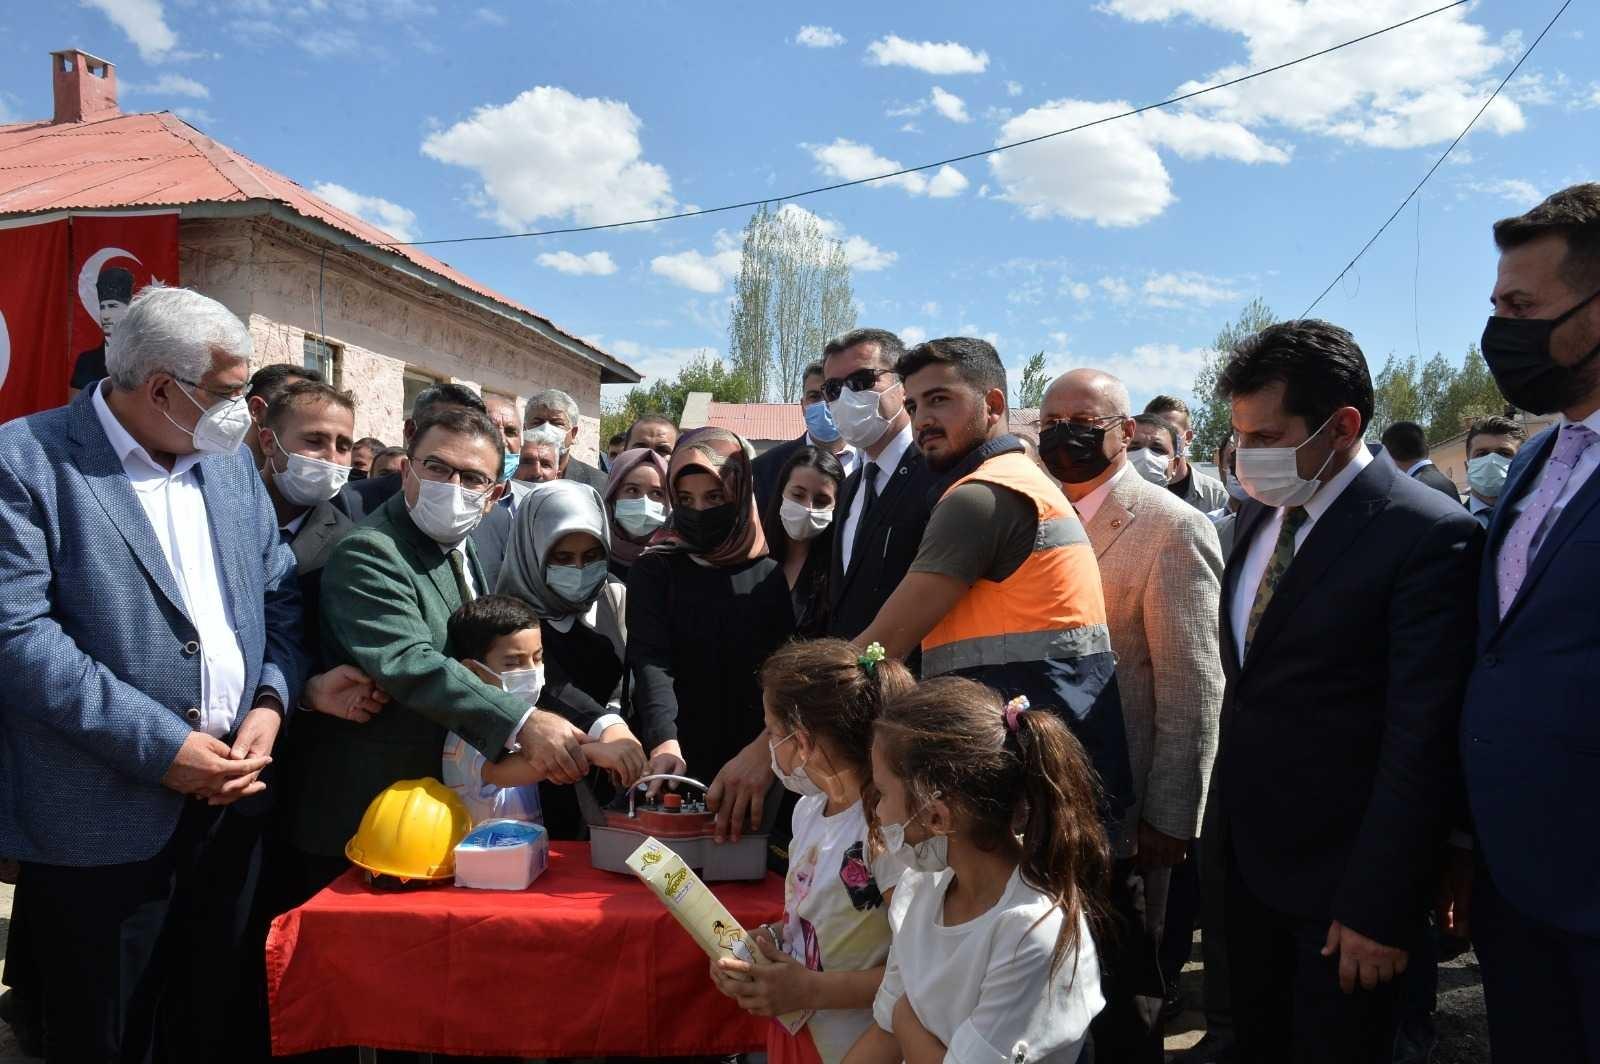 Erzurum'da 4 ilçede 4 okulun temeli atıldı, yapımı tamamlanan bir okul hizmete açıldı